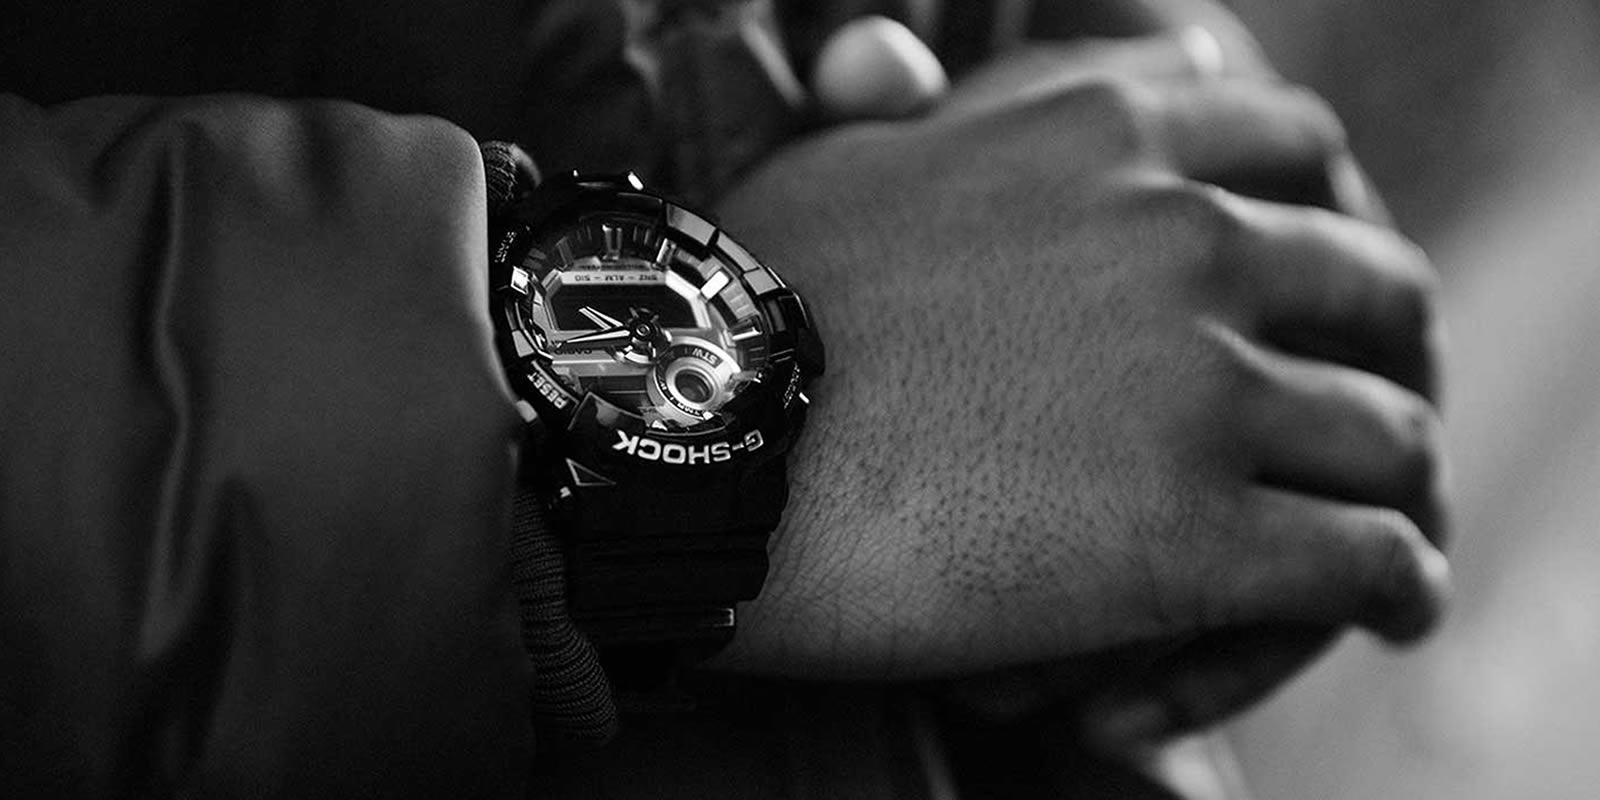 mister-watch-orologeria-gioielleria-biella-borgomanero-orologio-g-shock-GA-710GB-1AER-slide-2